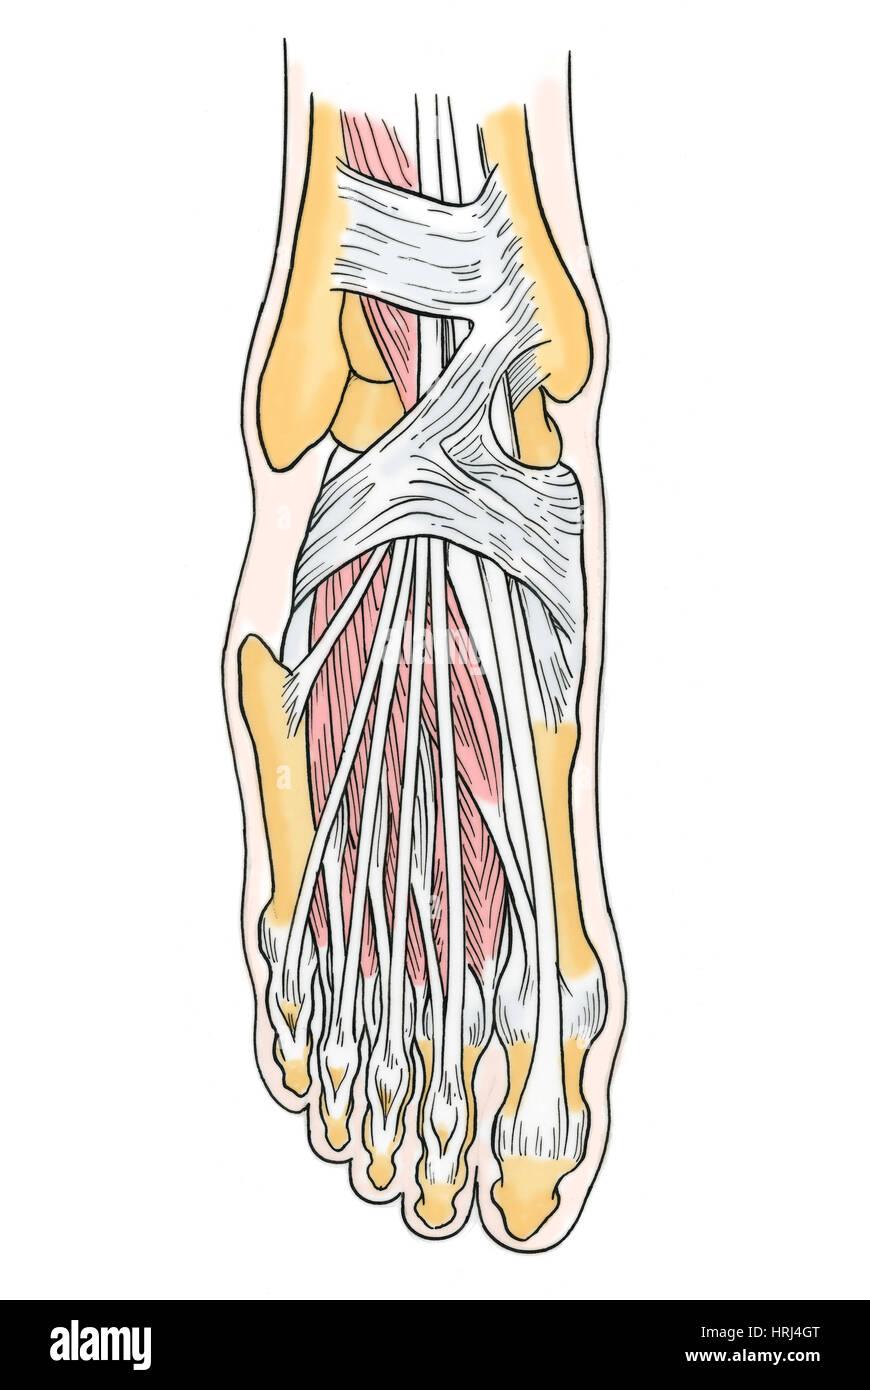 Ziemlich Skelett Anatomie Des Fußes Galerie - Menschliche Anatomie ...